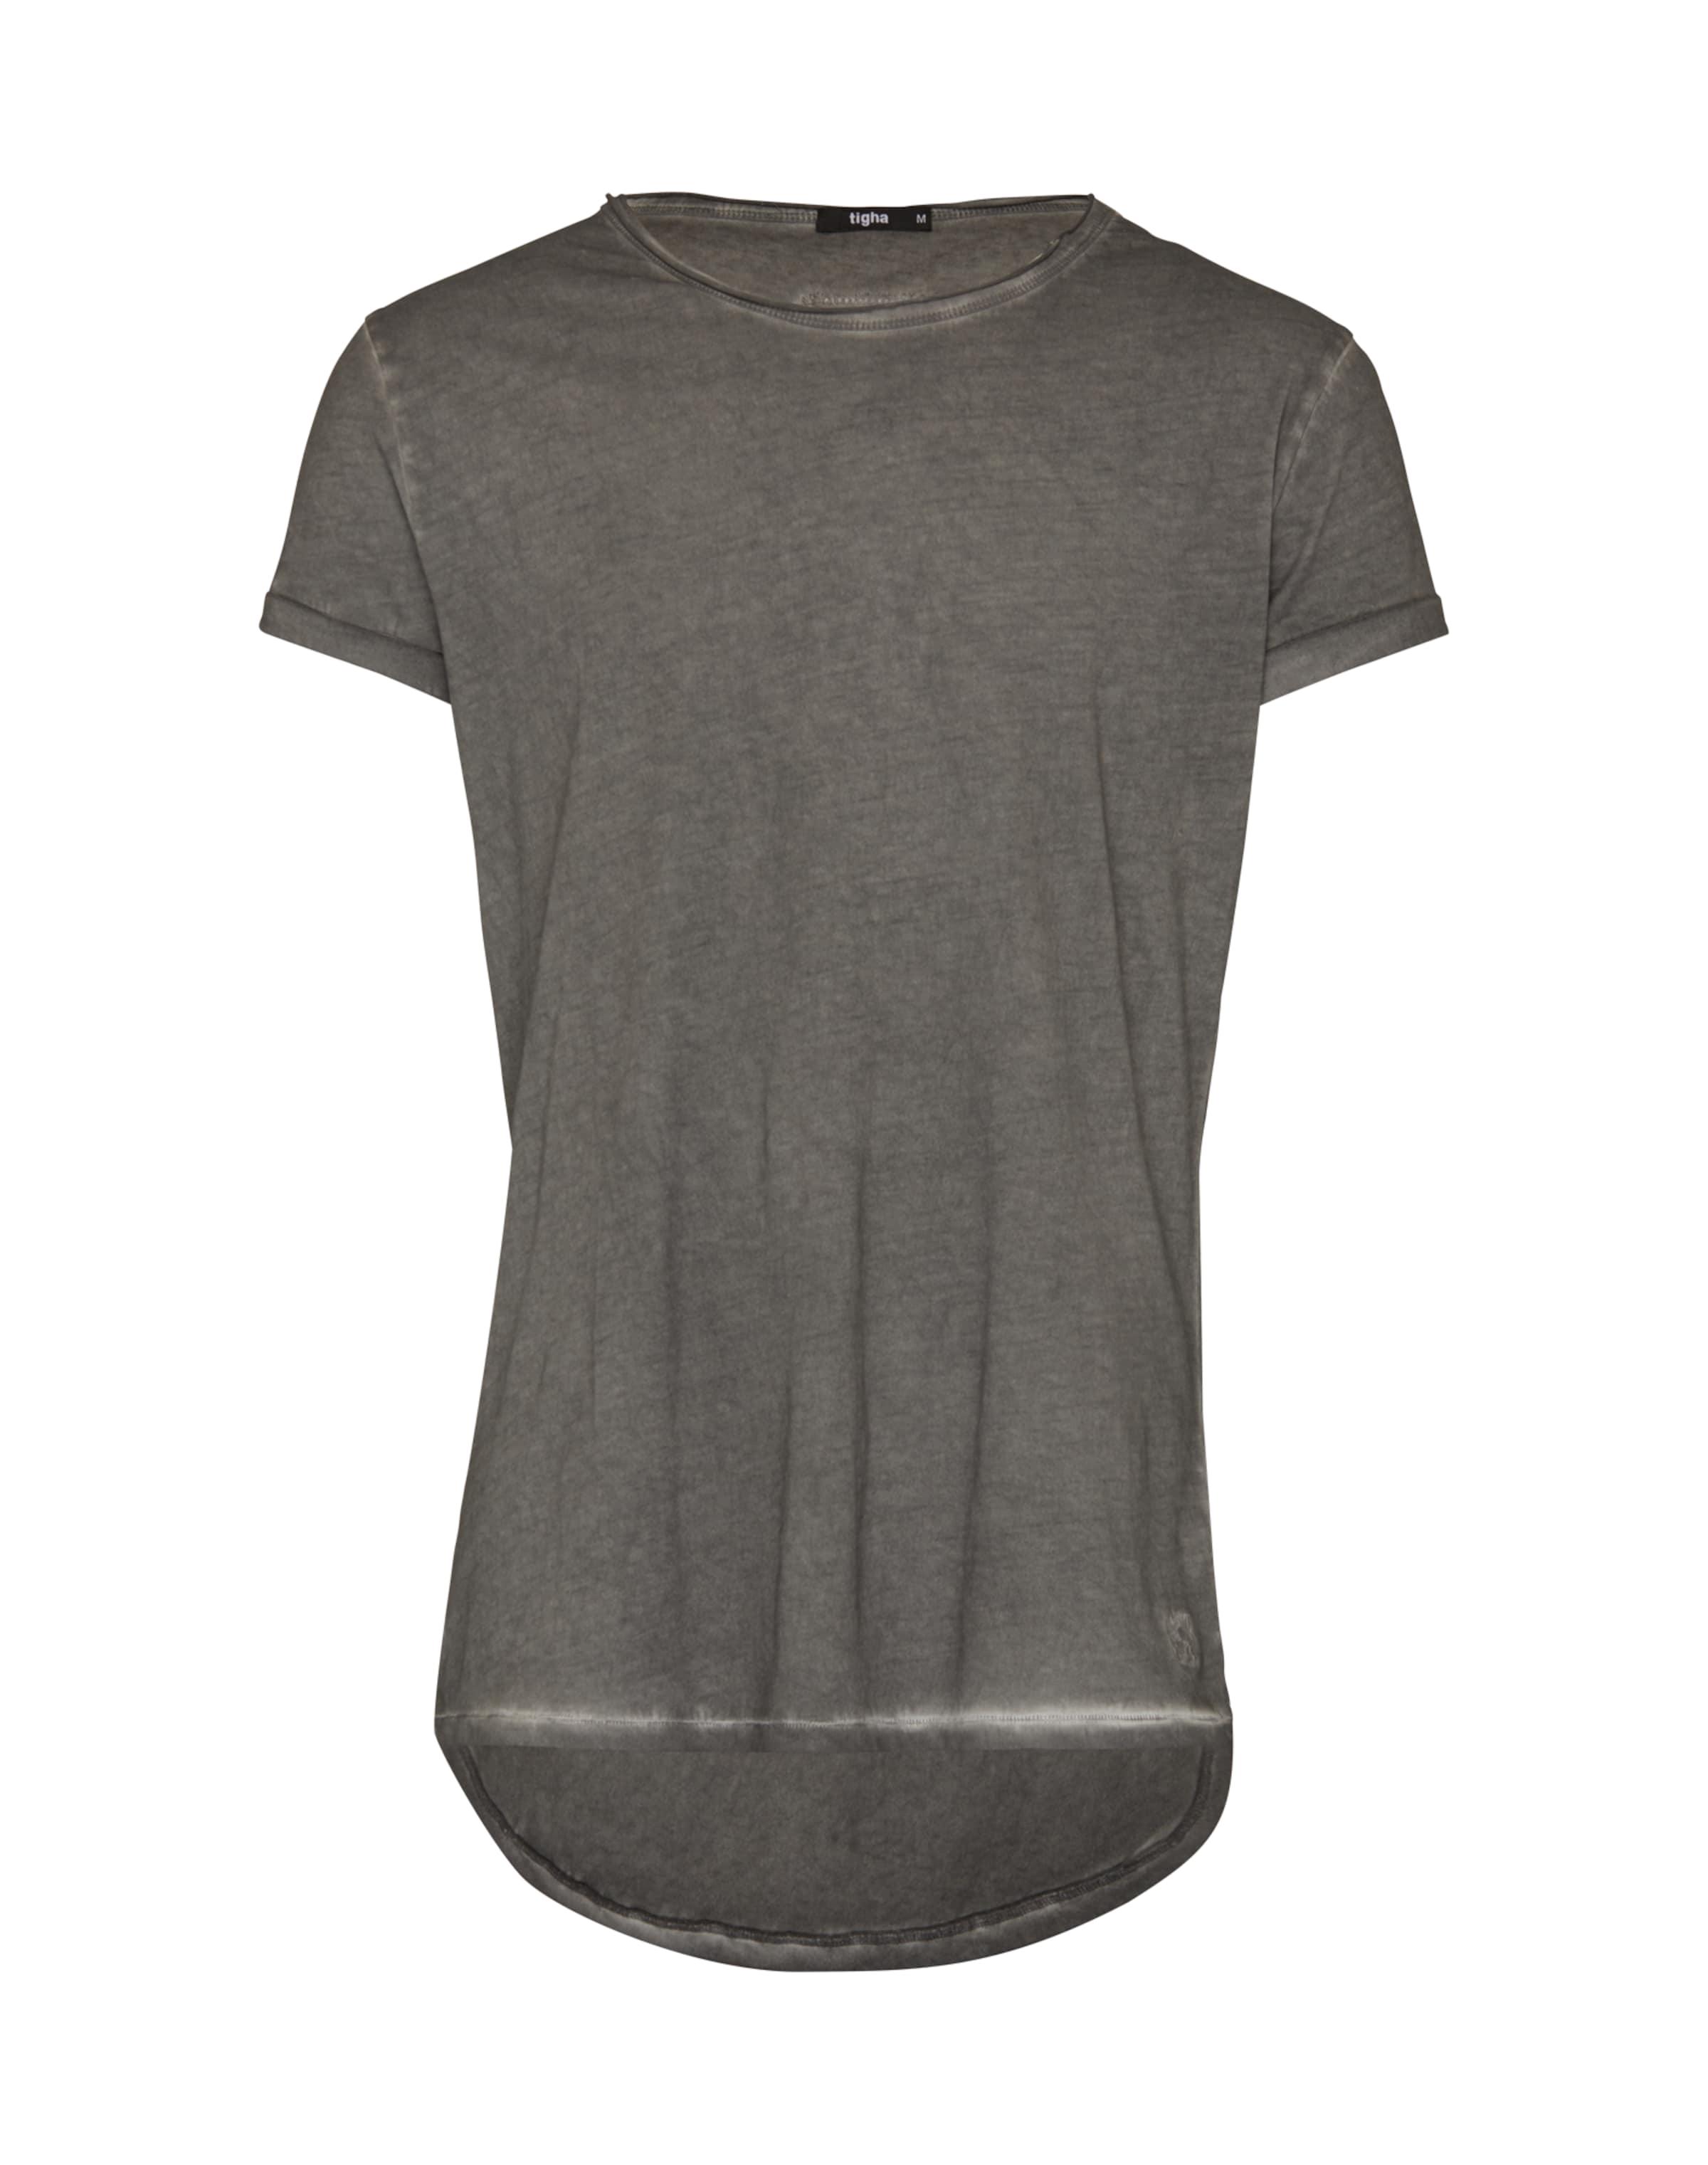 Tigha 'milo' In T Oliv shirt 5R4jq3LA